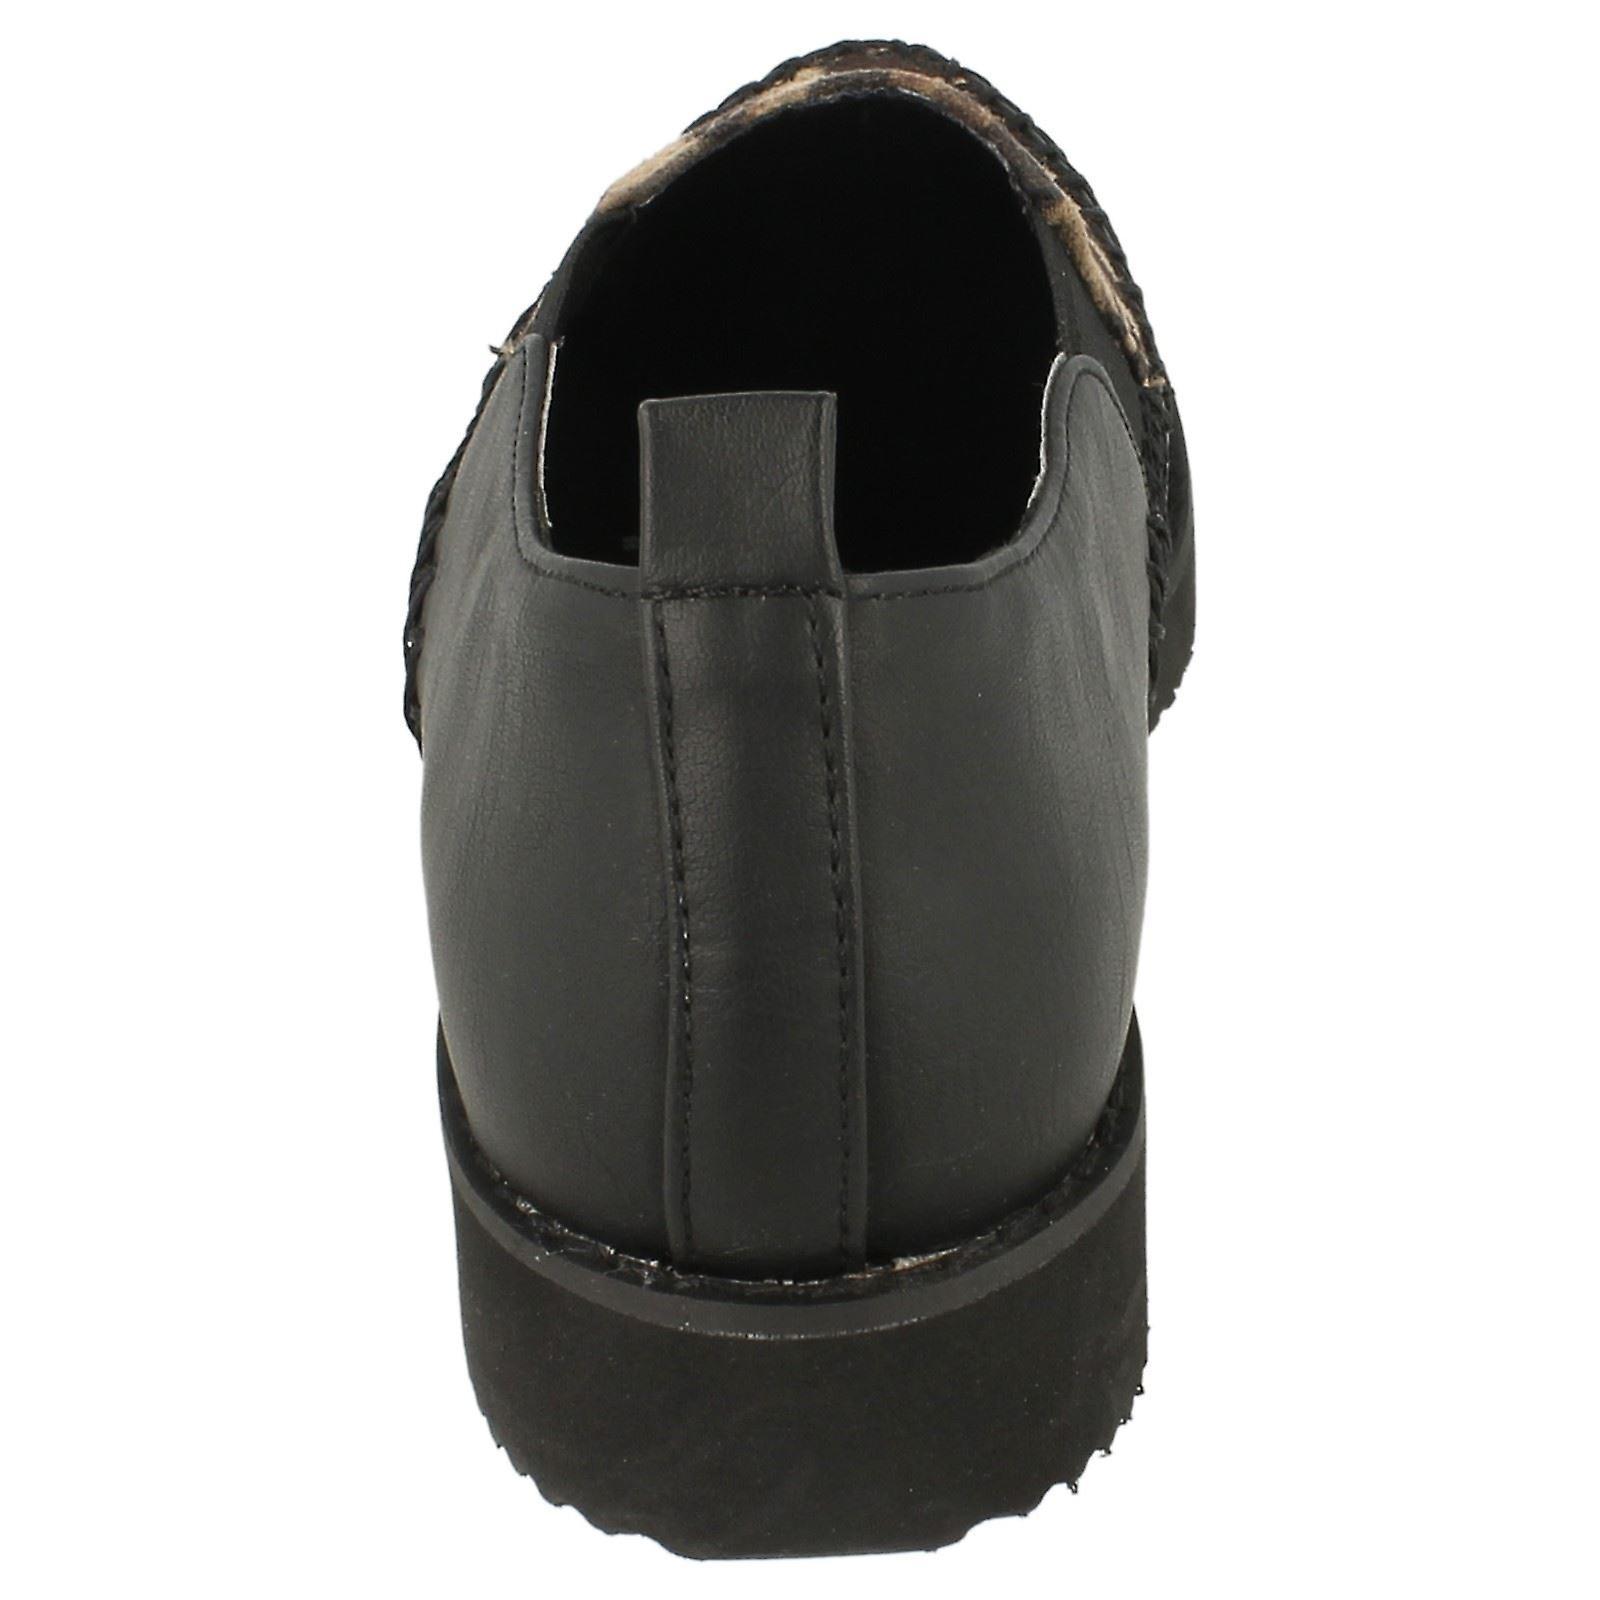 Vor Ort auf dicke Sohle Schuh / Bindung / Zwickel